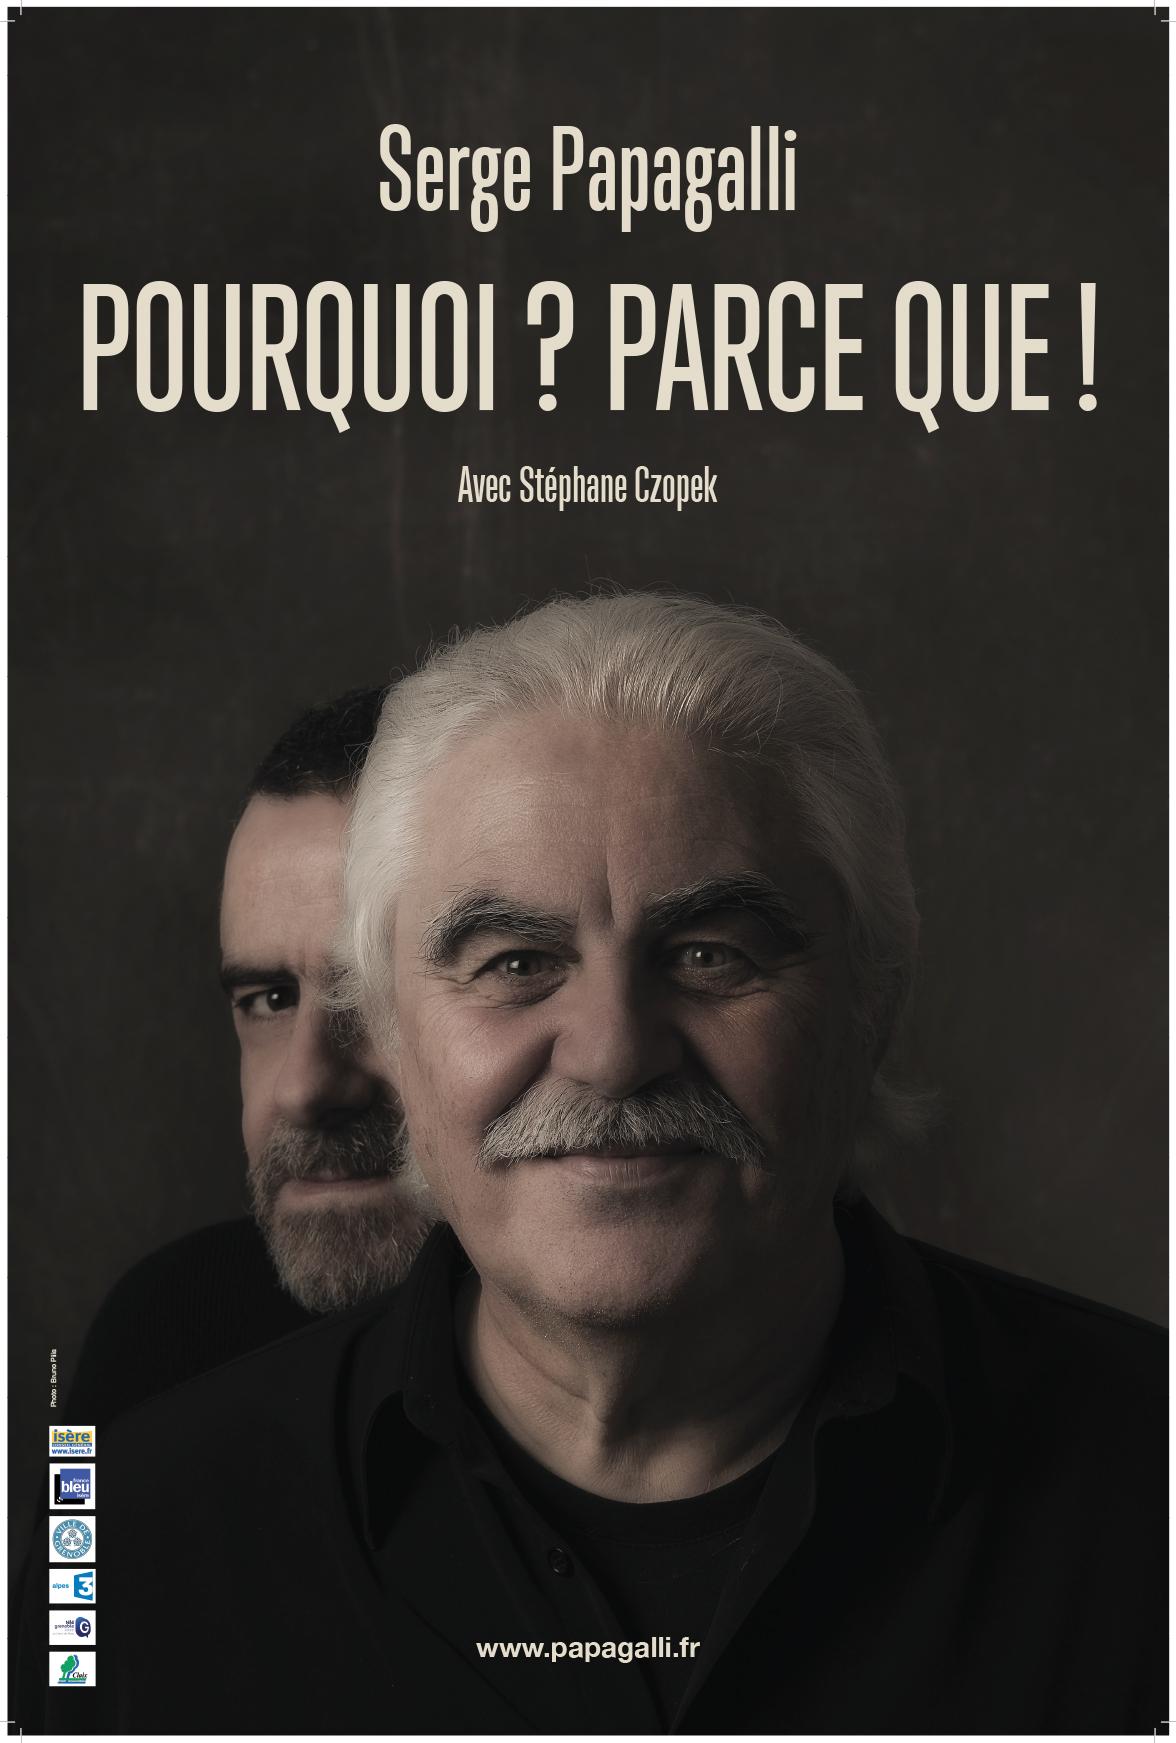 Serge Papagalli Pourquoi? Parce que !